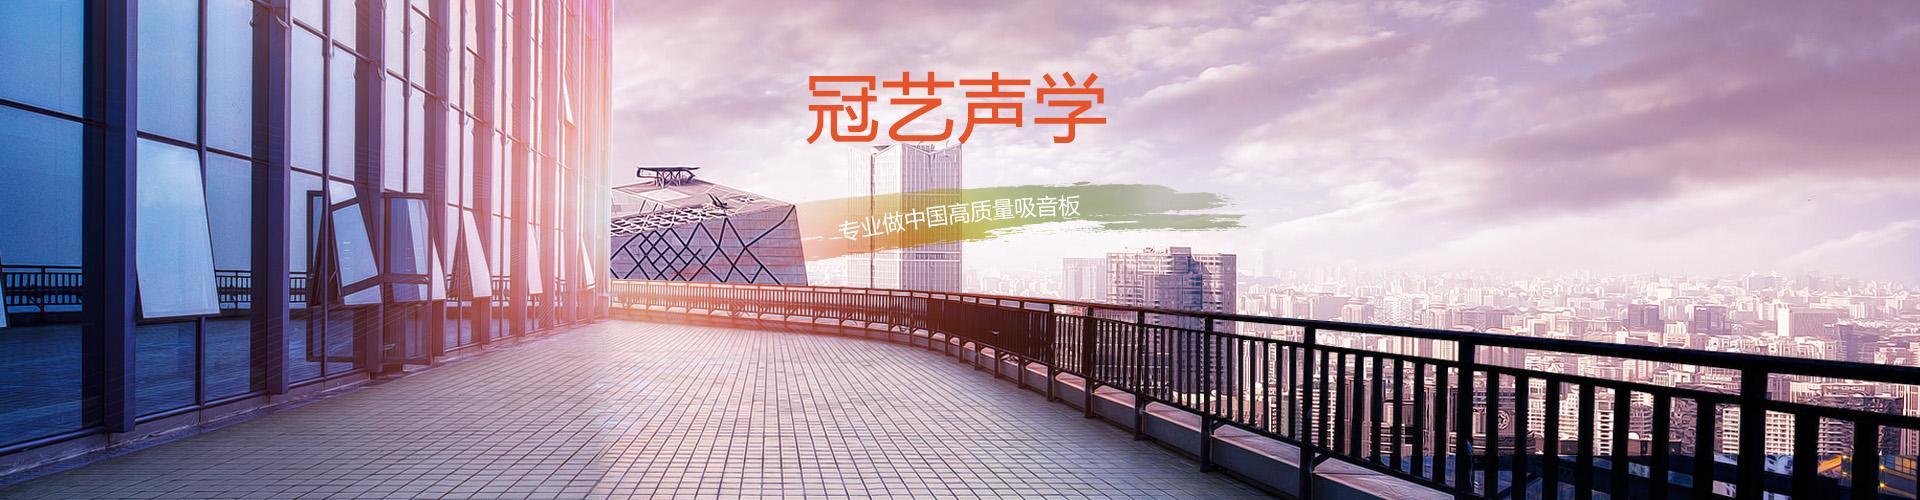 AG亚遊集团官方网站